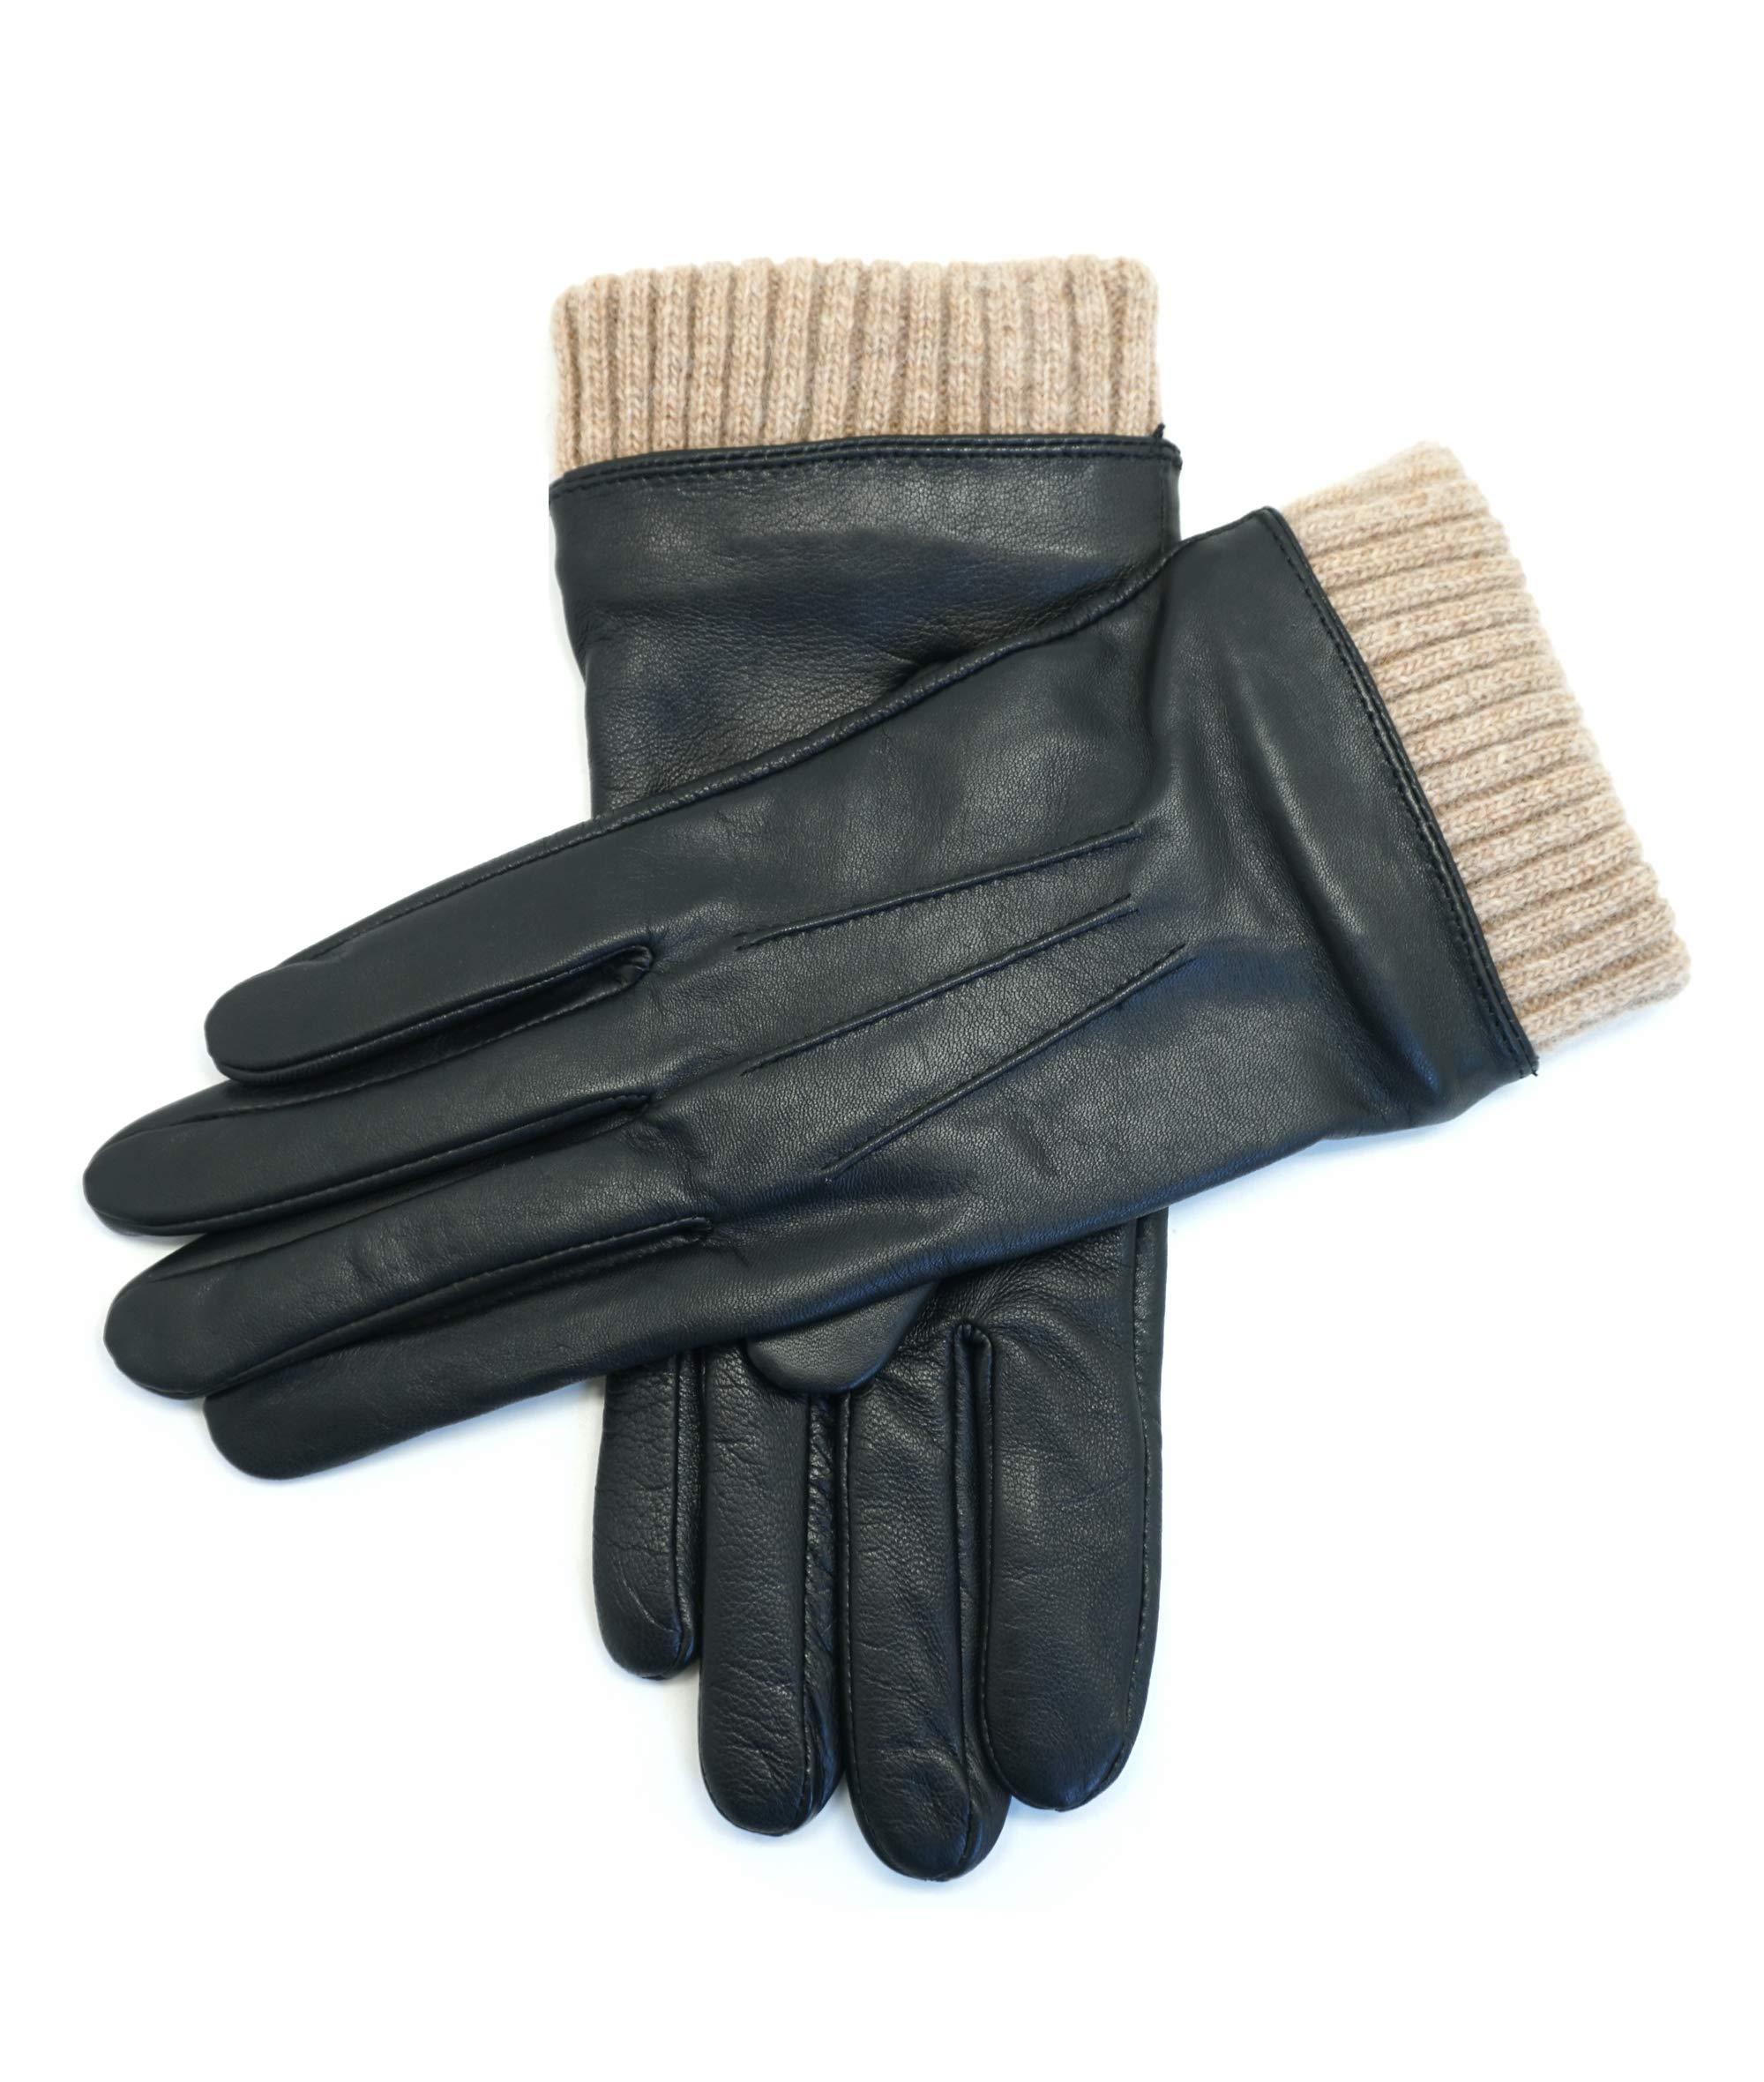 YISEVEN Womens Winter Sheepskin Leather Gloves Fleece Lined Wool Long Cuffs